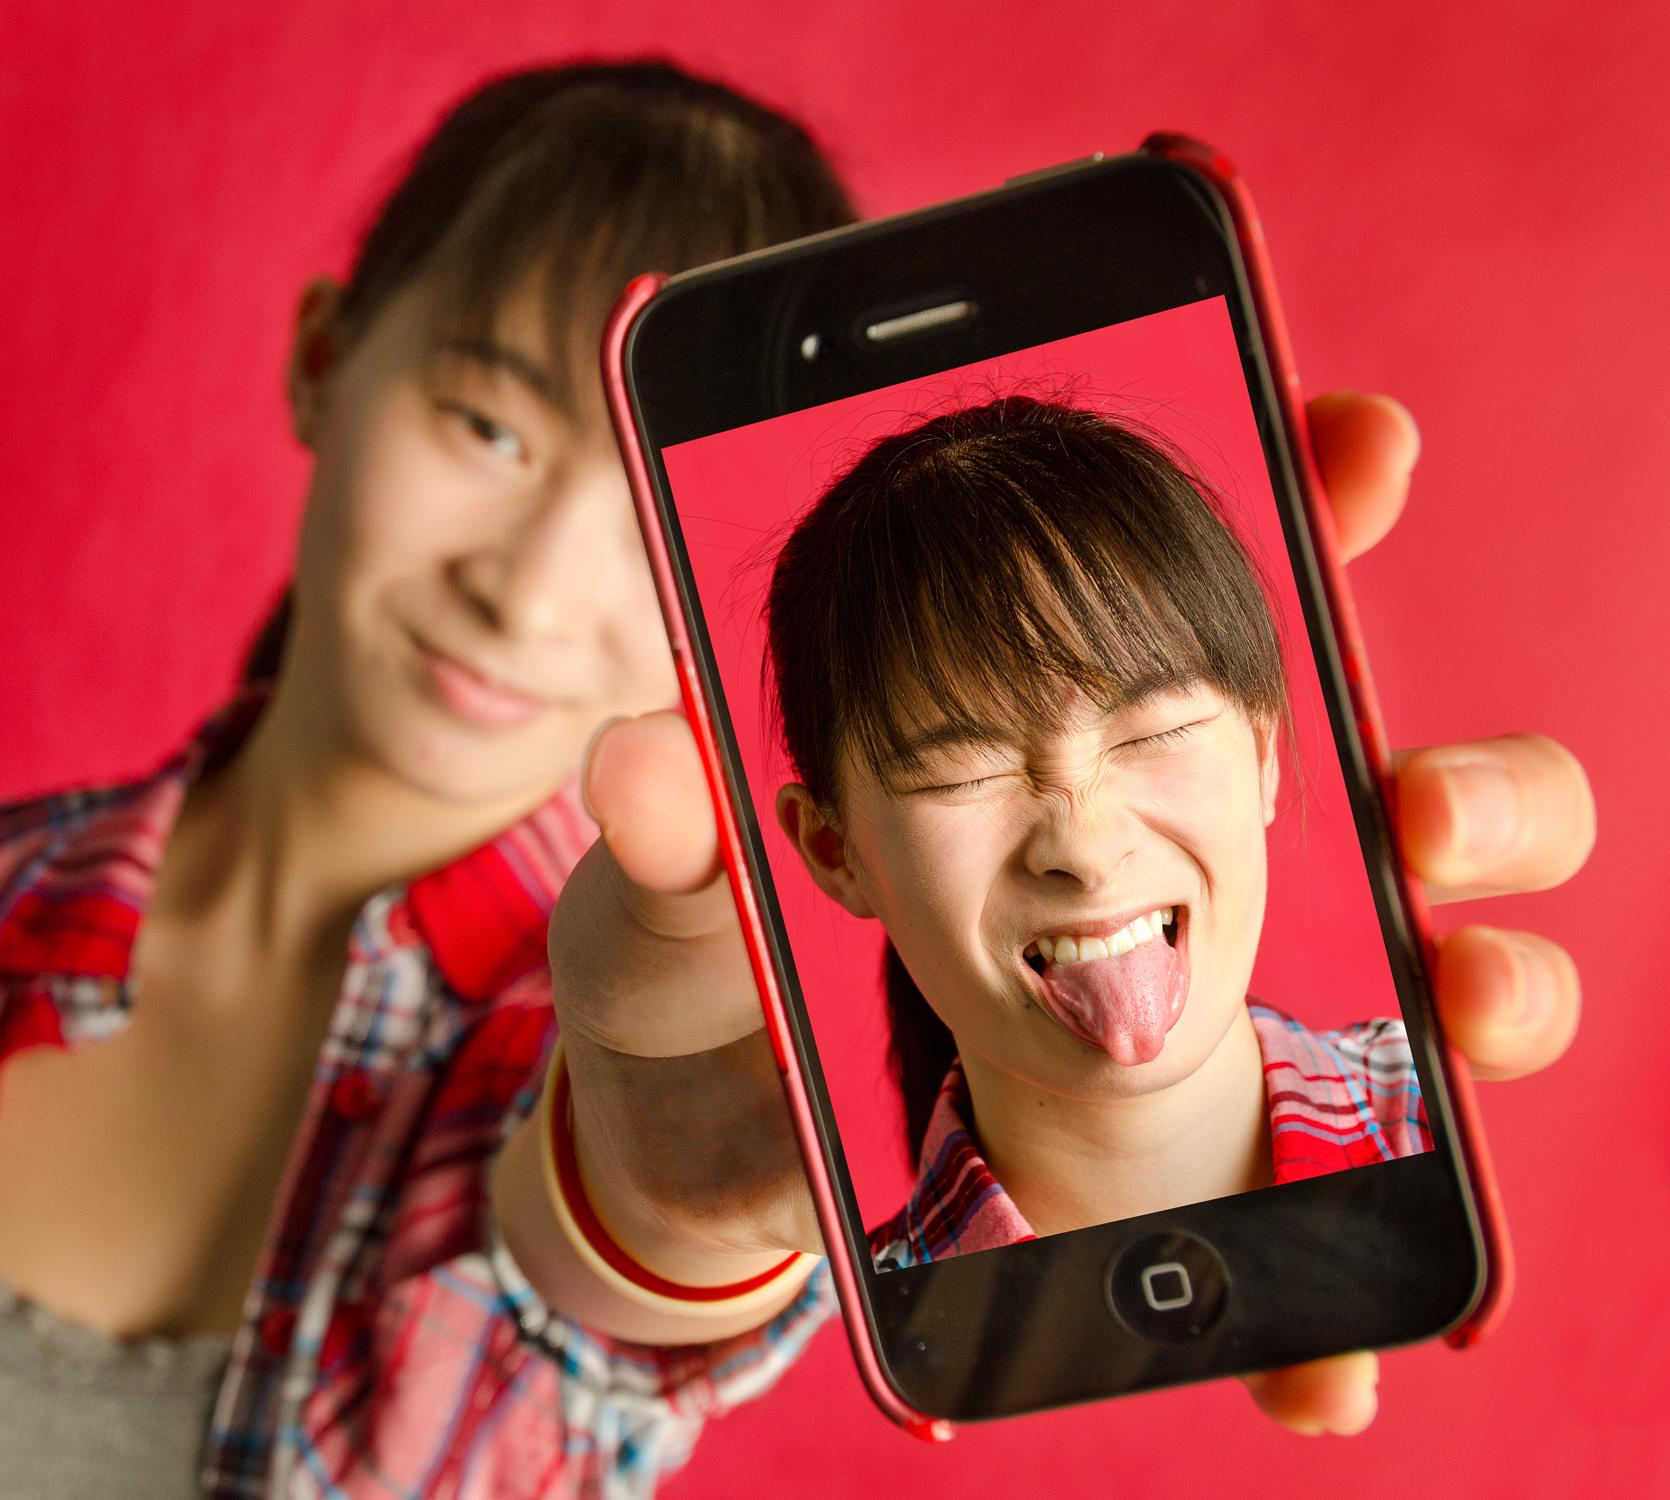 cellphonev2.jpg